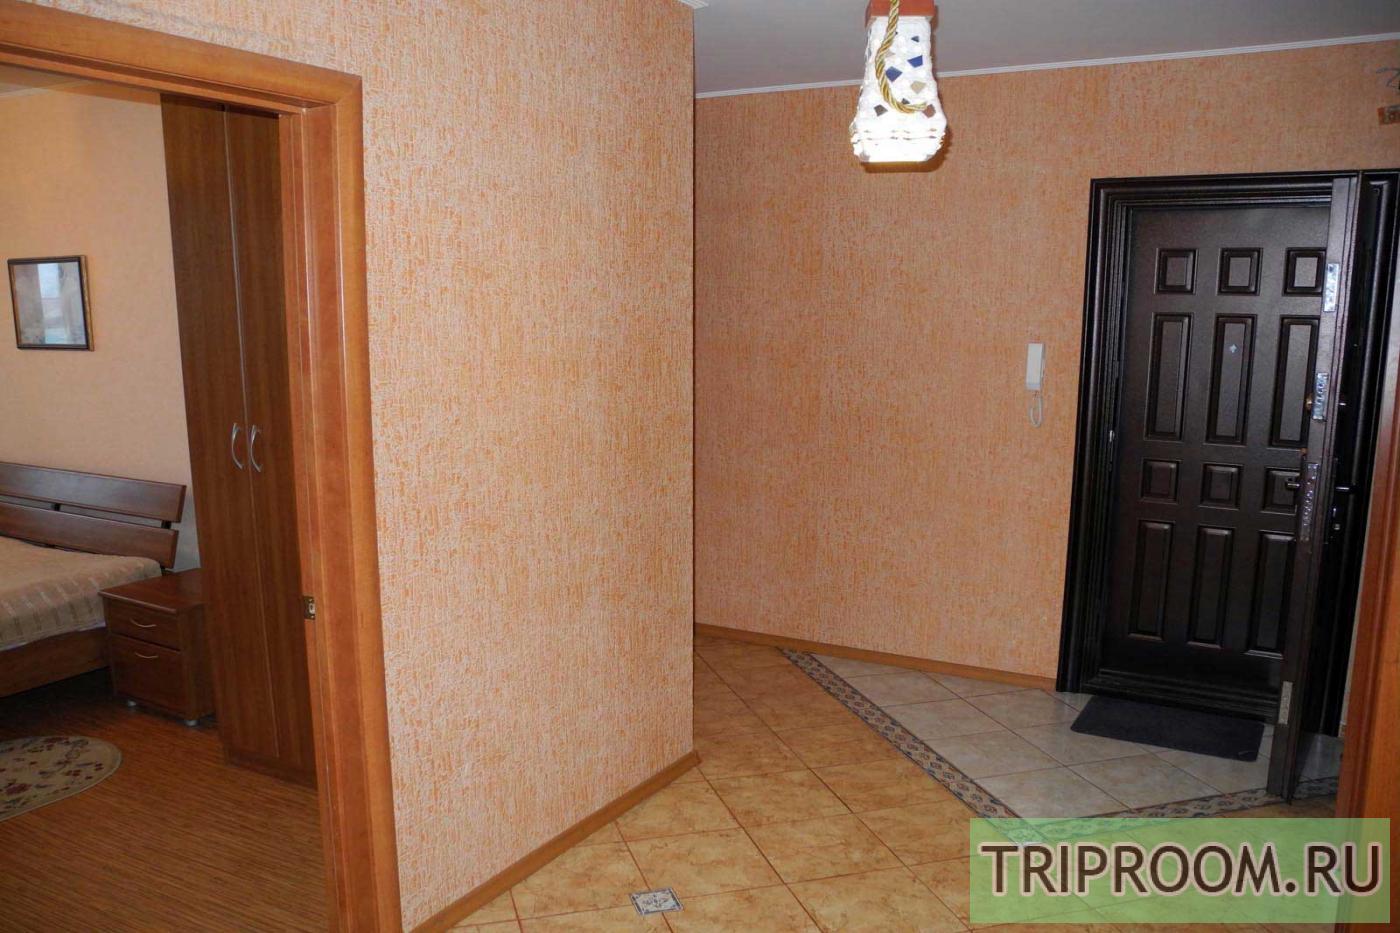 3-комнатная квартира посуточно (вариант № 9669), ул. Кольцовская улица, фото № 13